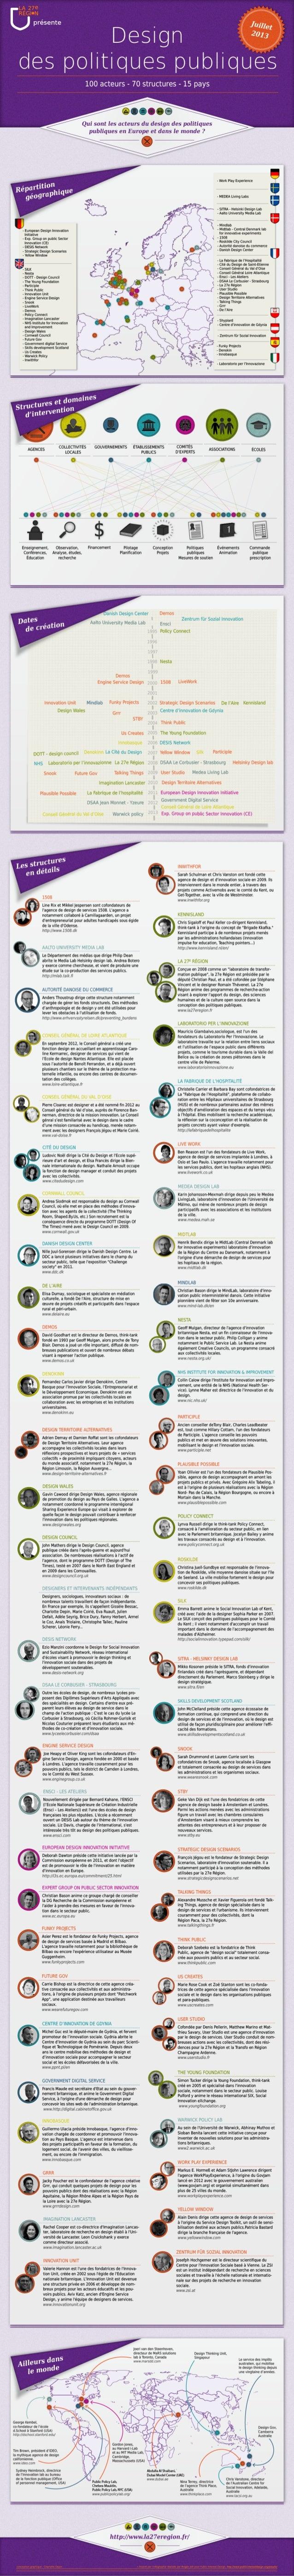 Design des politiques publiques : 100 acteurs, 70 organisations, 50 pays